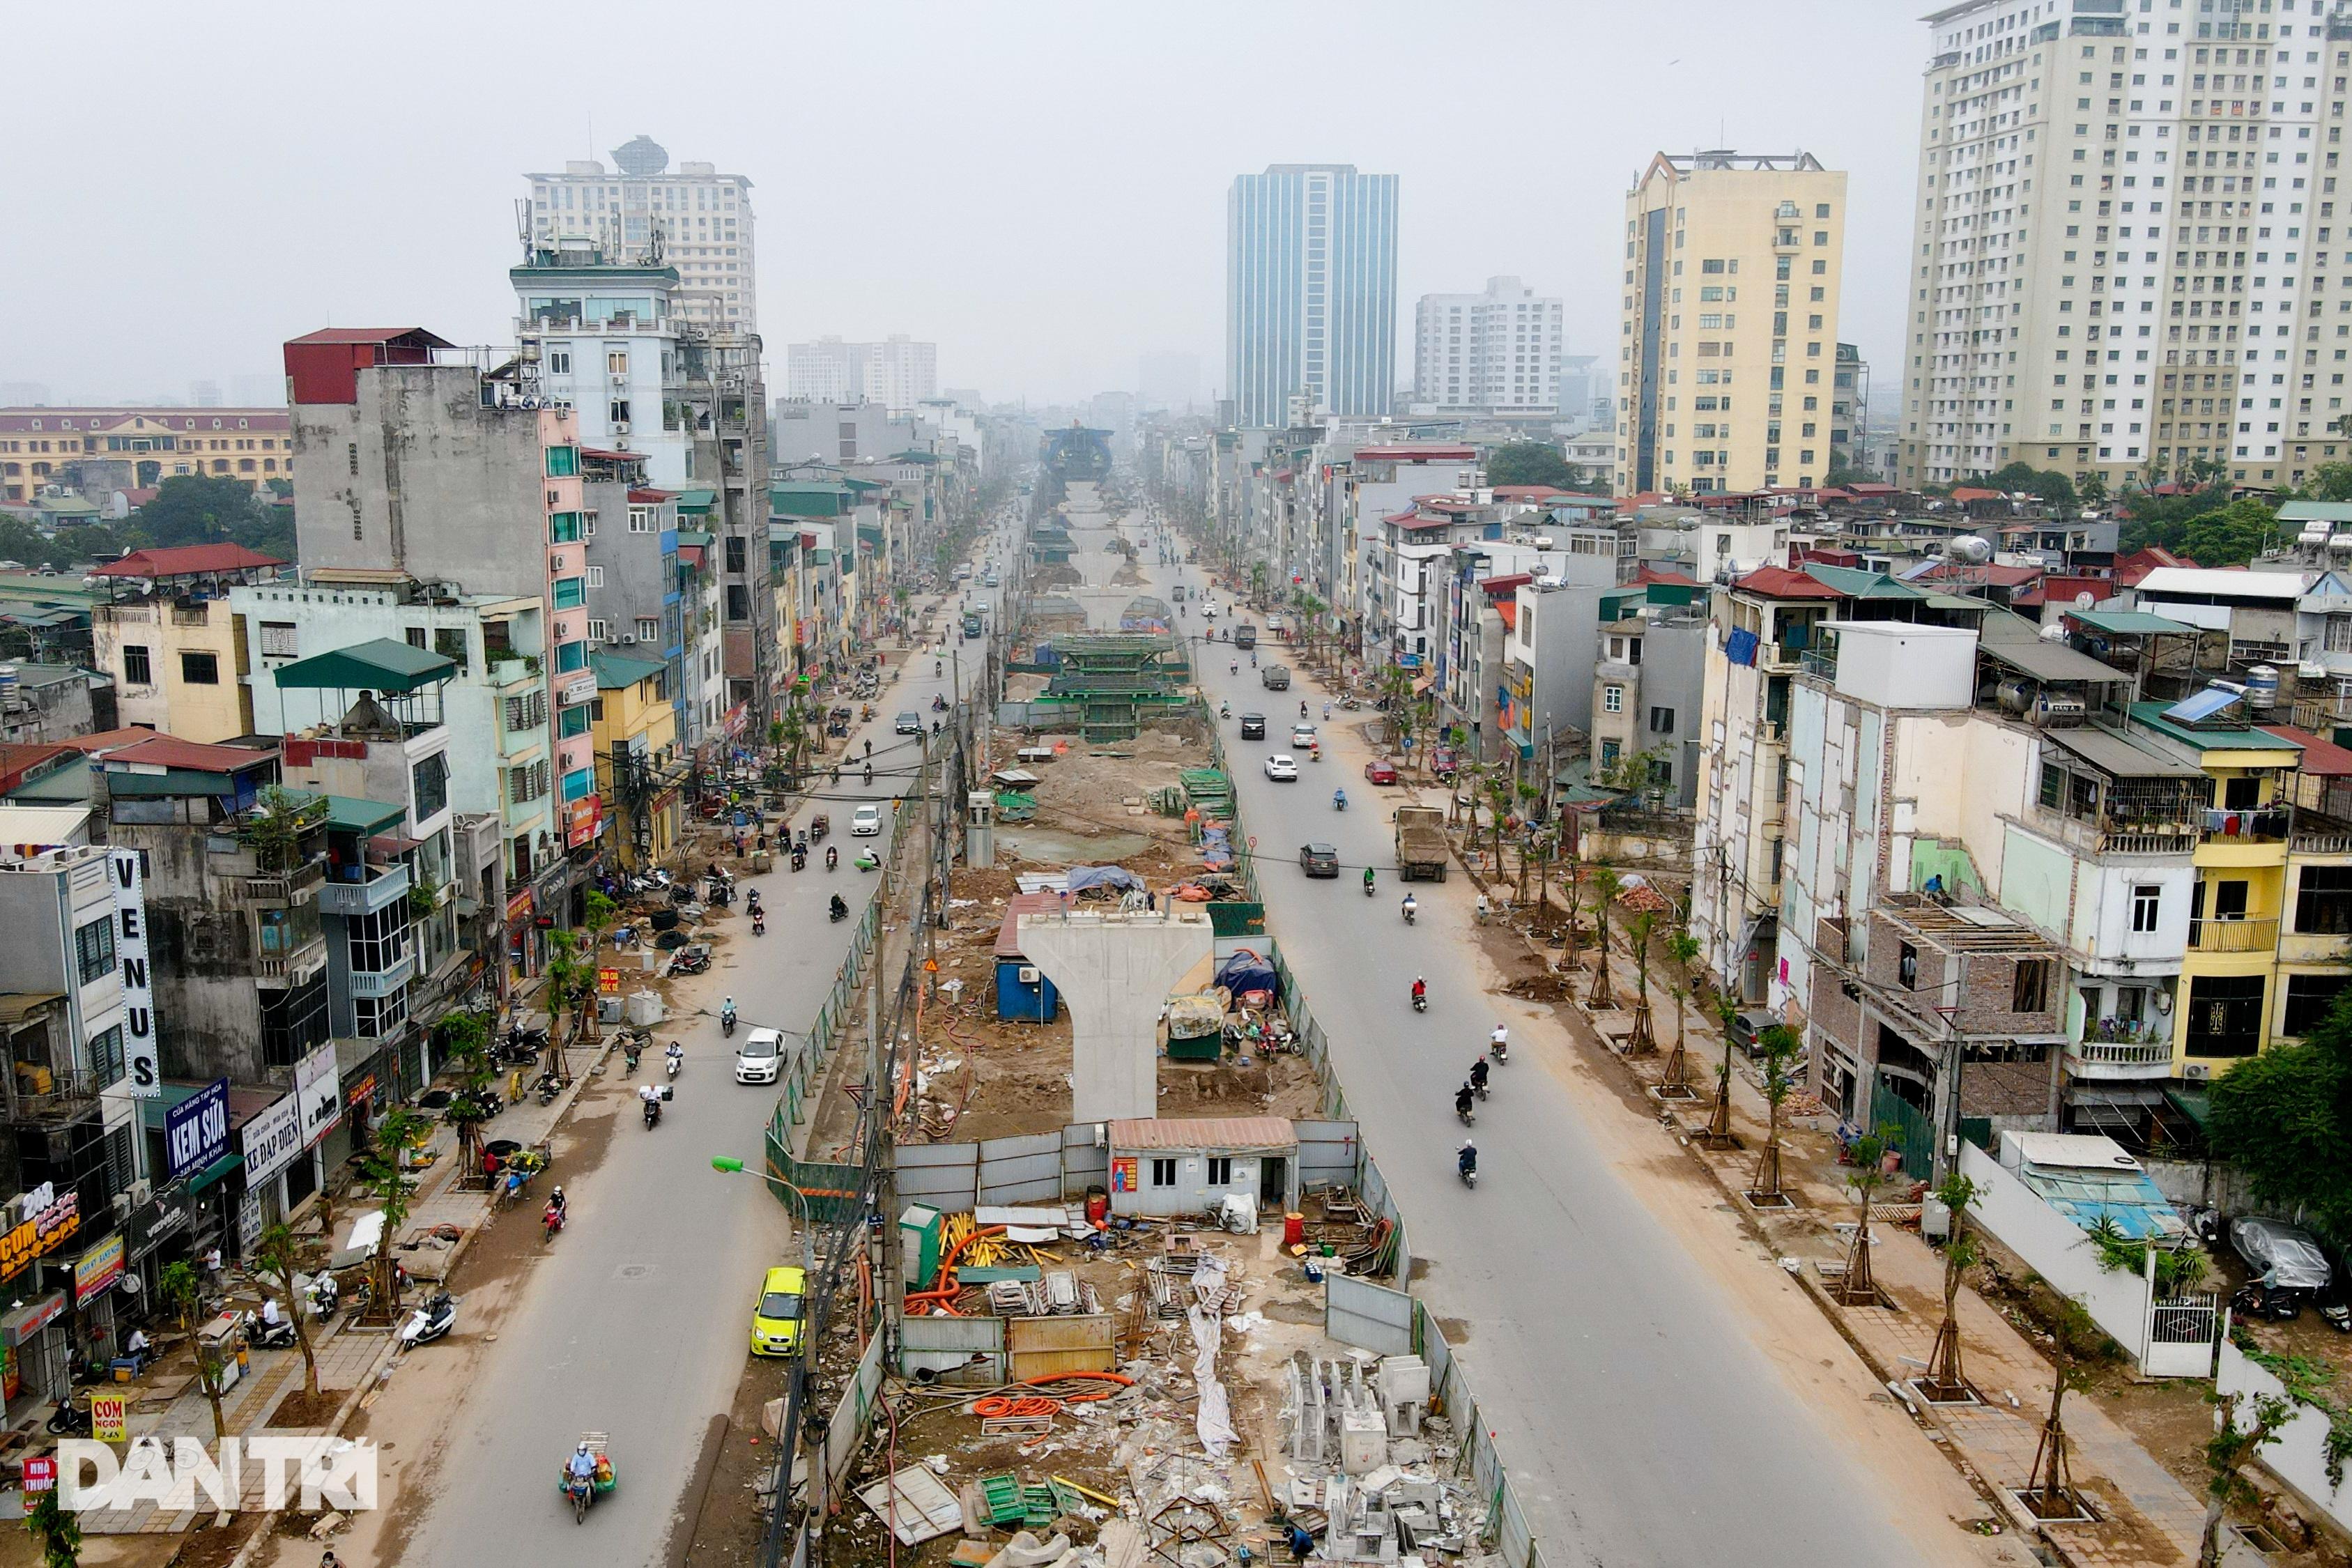 Cận cảnh đại công trường xây dựng đường vành đai 2 gần 10.000 tỷ đồng - 10